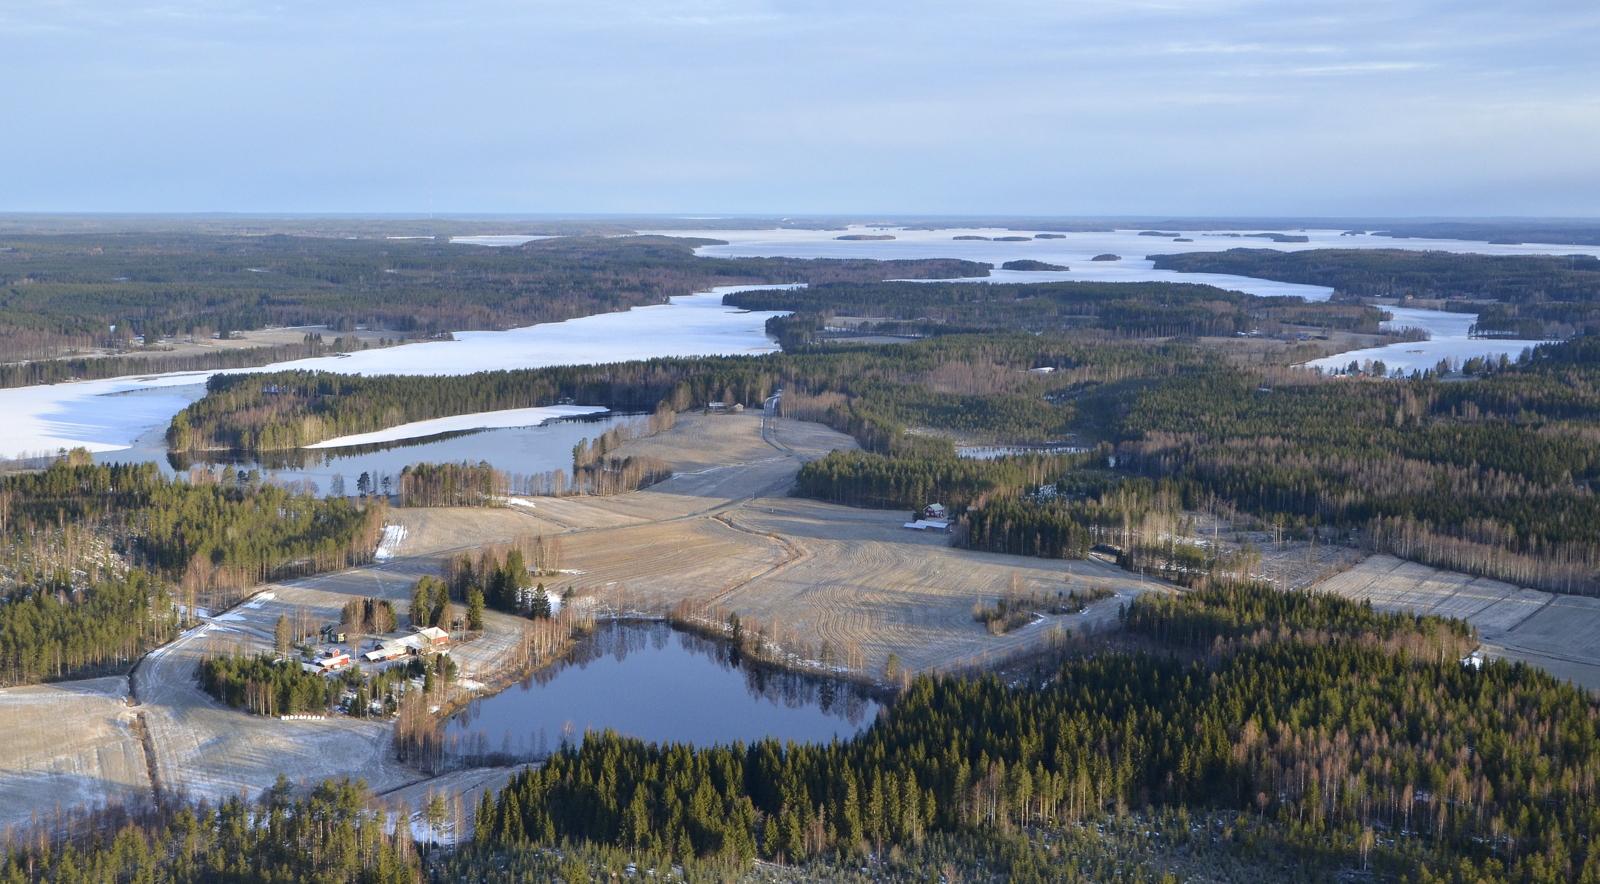 Lähimpänä Pienijärvi ja taustalla Kolimaa lennolla 29.4.2021